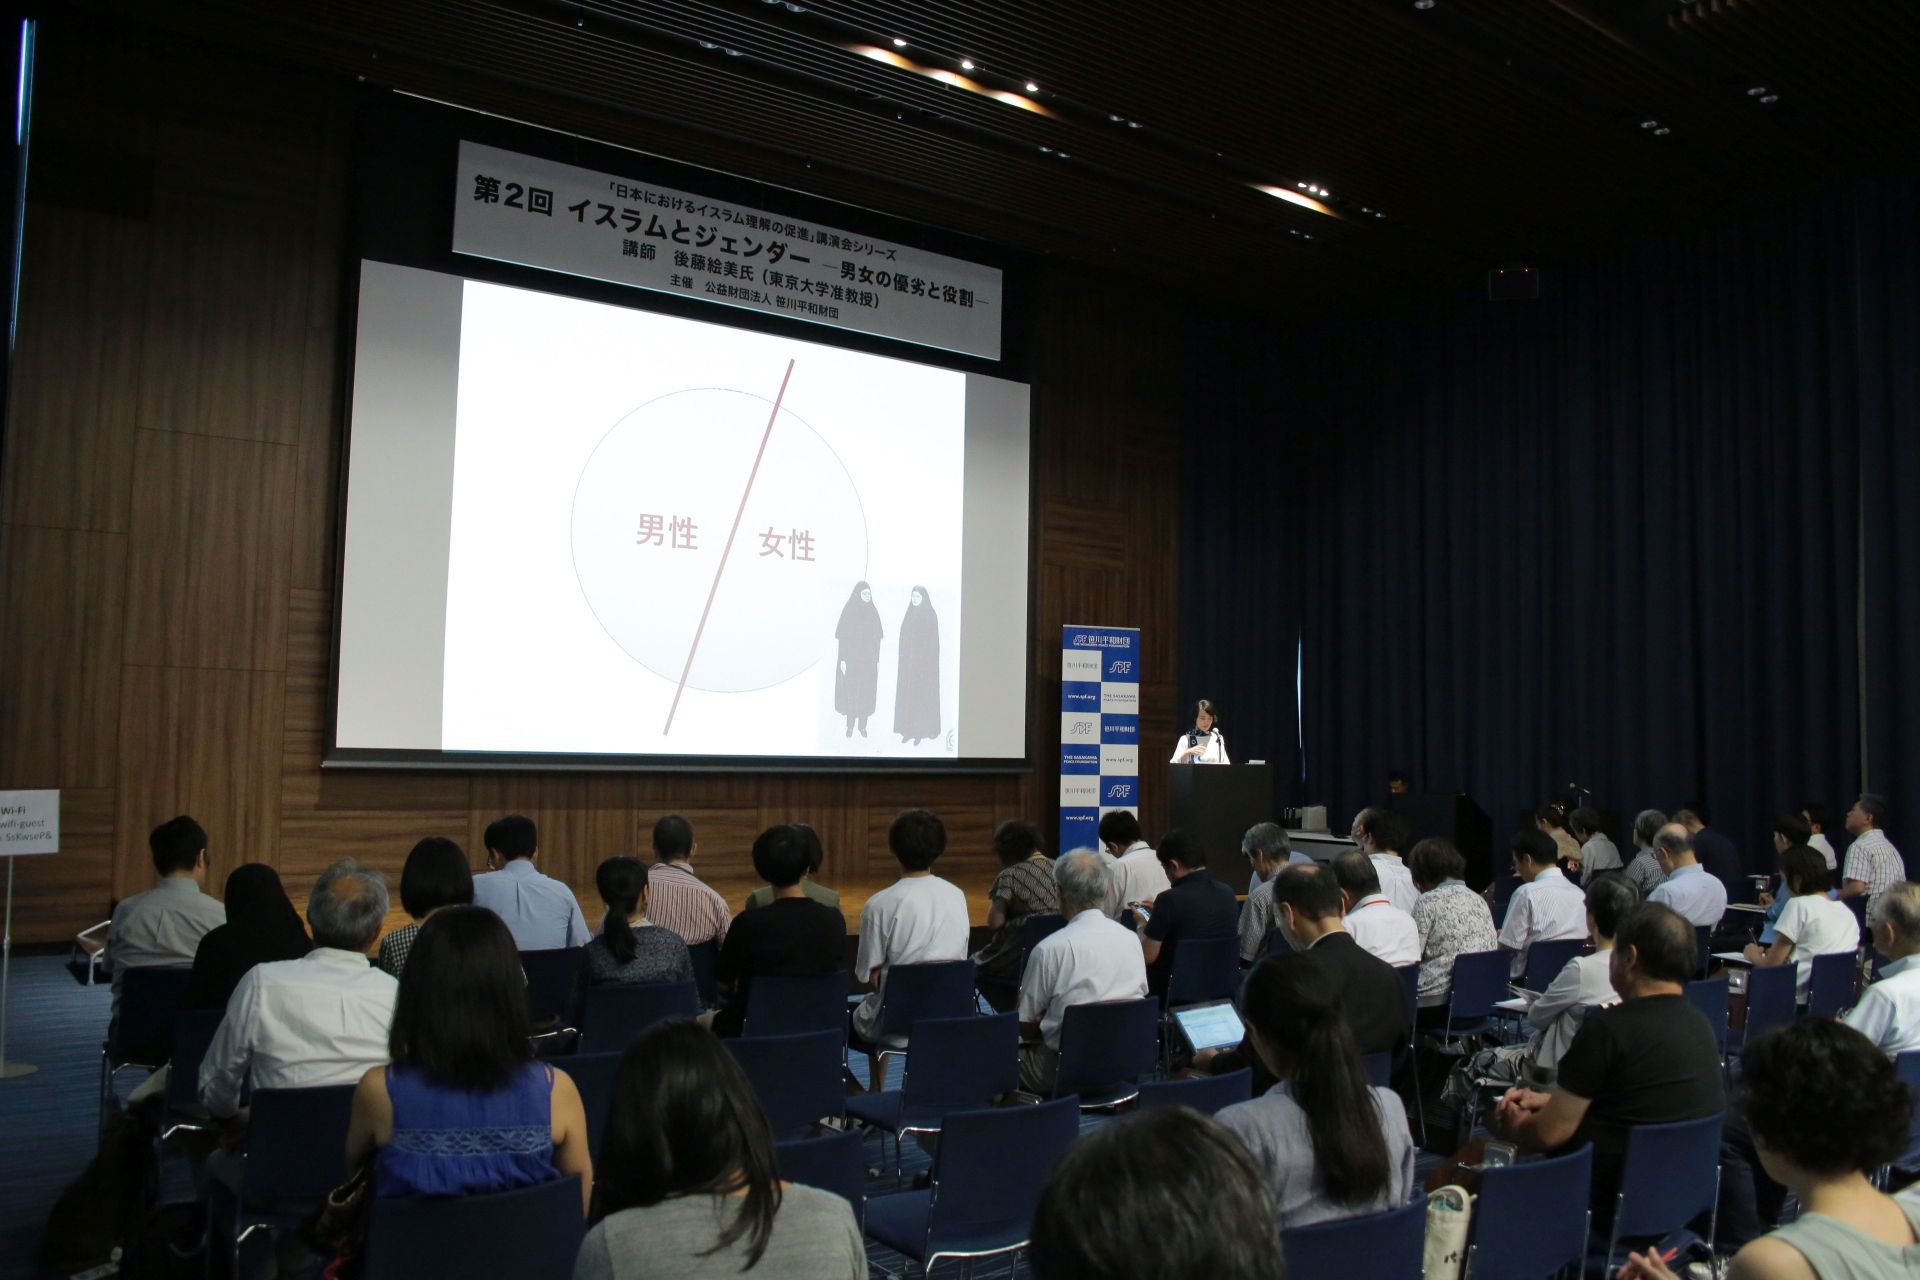 「日本におけるイスラム理解の促進」講演会シリーズ第2回「イスラムとジェンダー-男女の優劣と役割-」